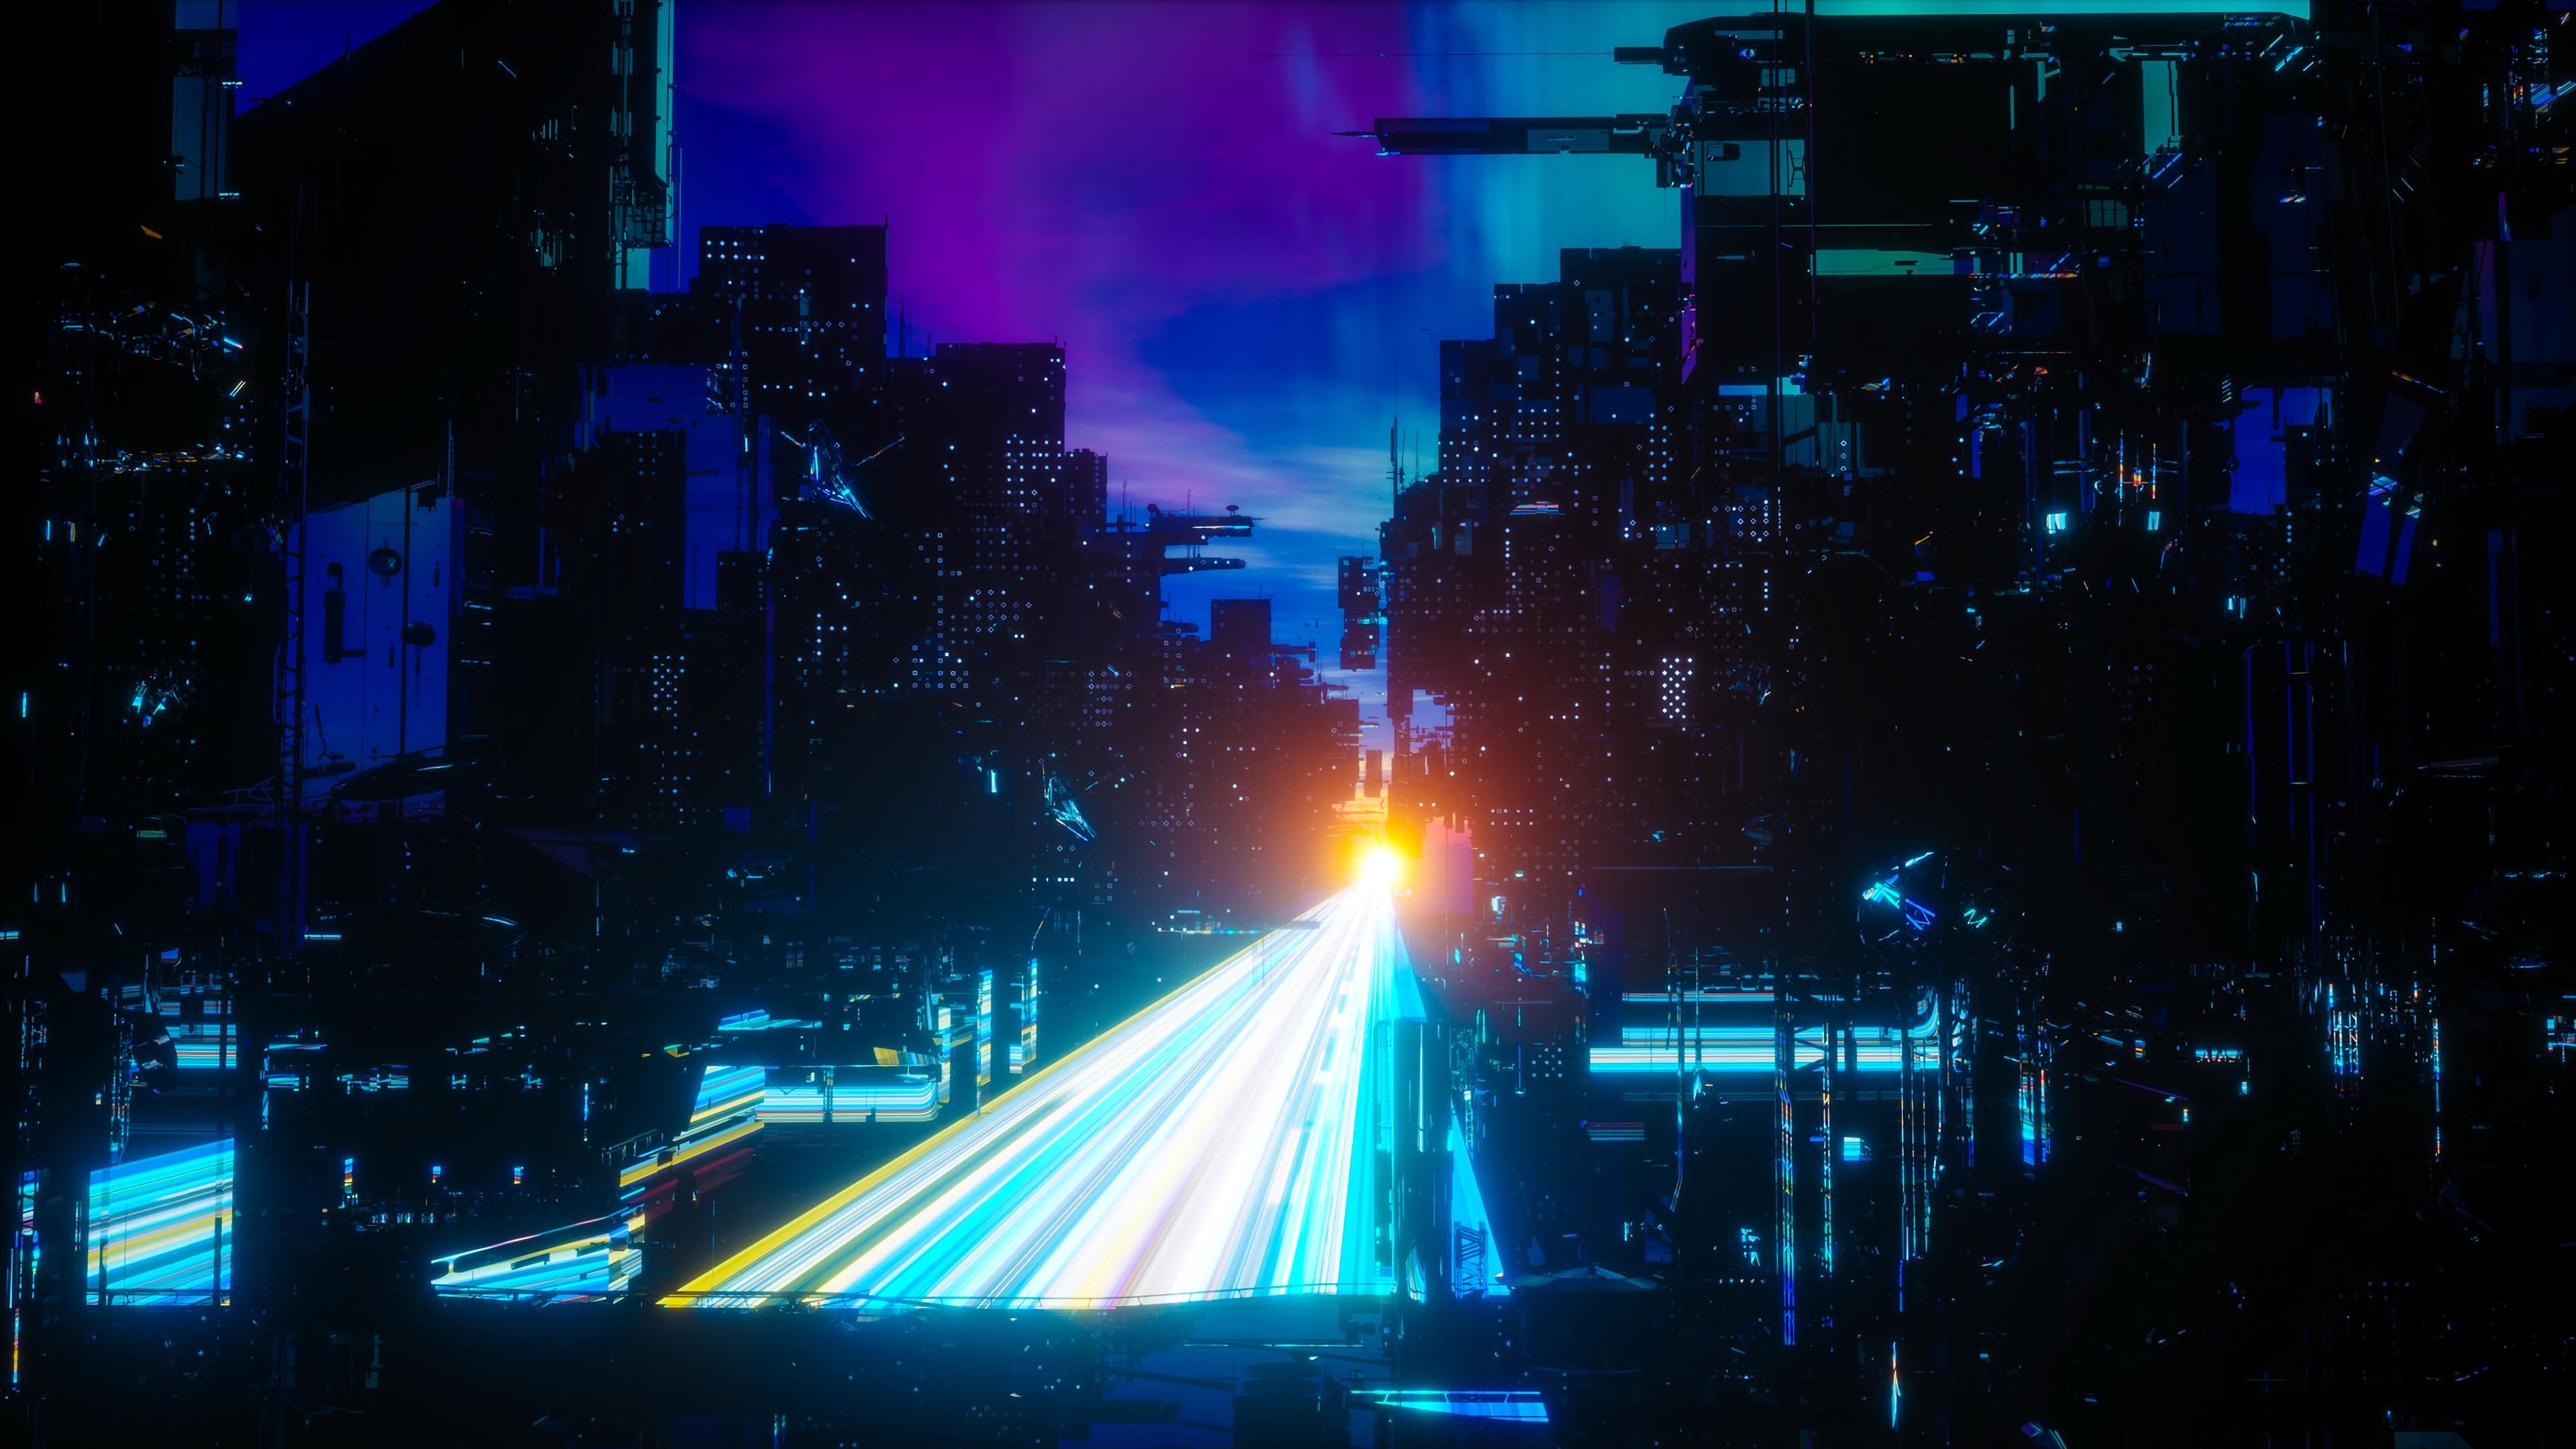 city night sci fi neon bridge mega structures 4k 1541971207 - city, night, sci fi, neon, bridge, mega structures 4k - sci fi, Night, City